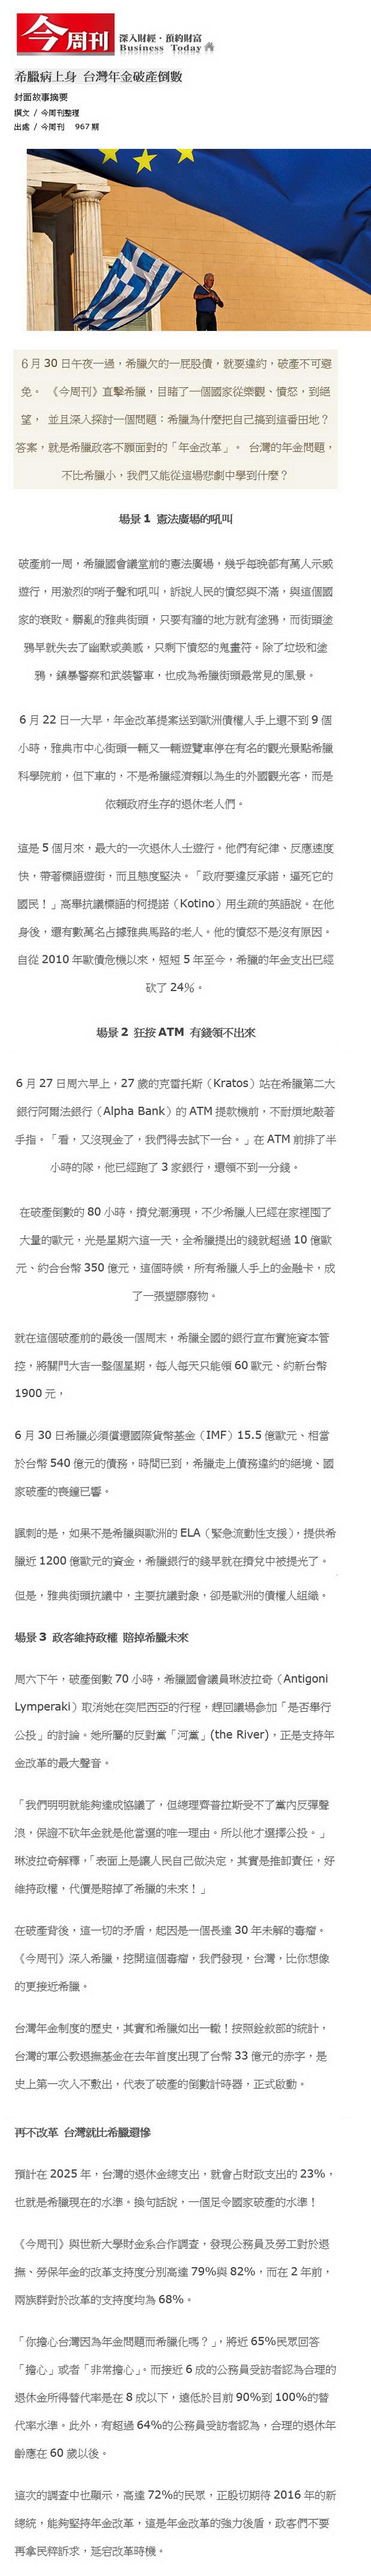 希臘病上身 台灣年金破產倒數-2015.07.02.jpg